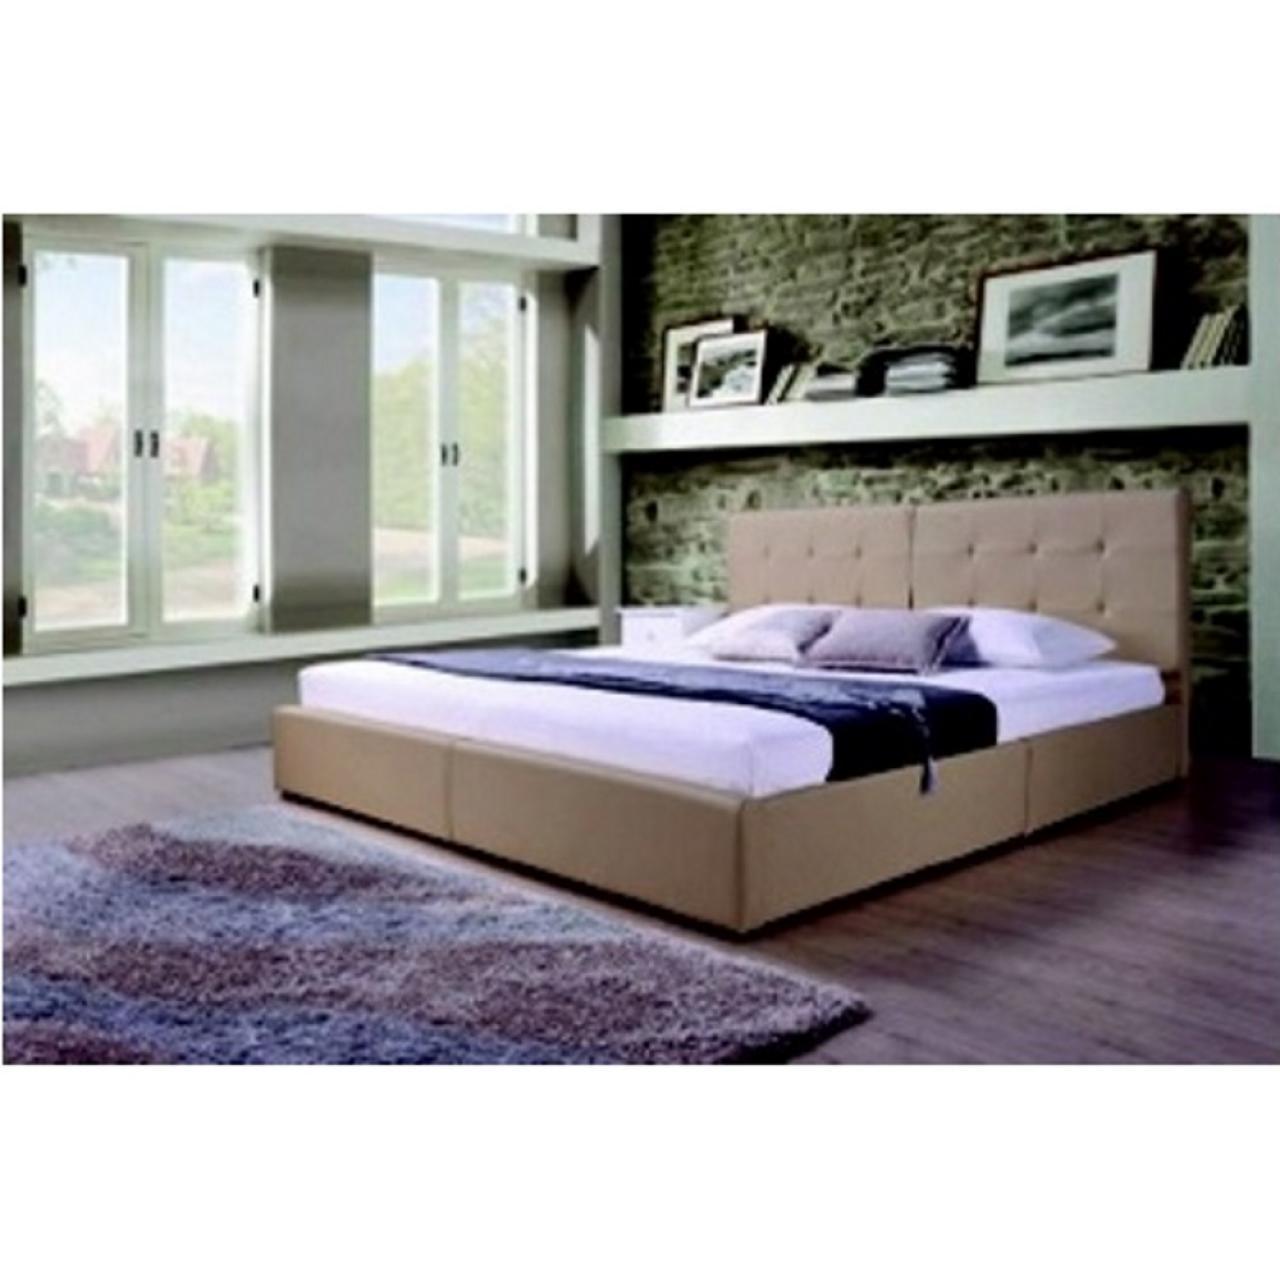 Polsterbett Batten 140x200 Cm Polsterbetten Betten Schlafen